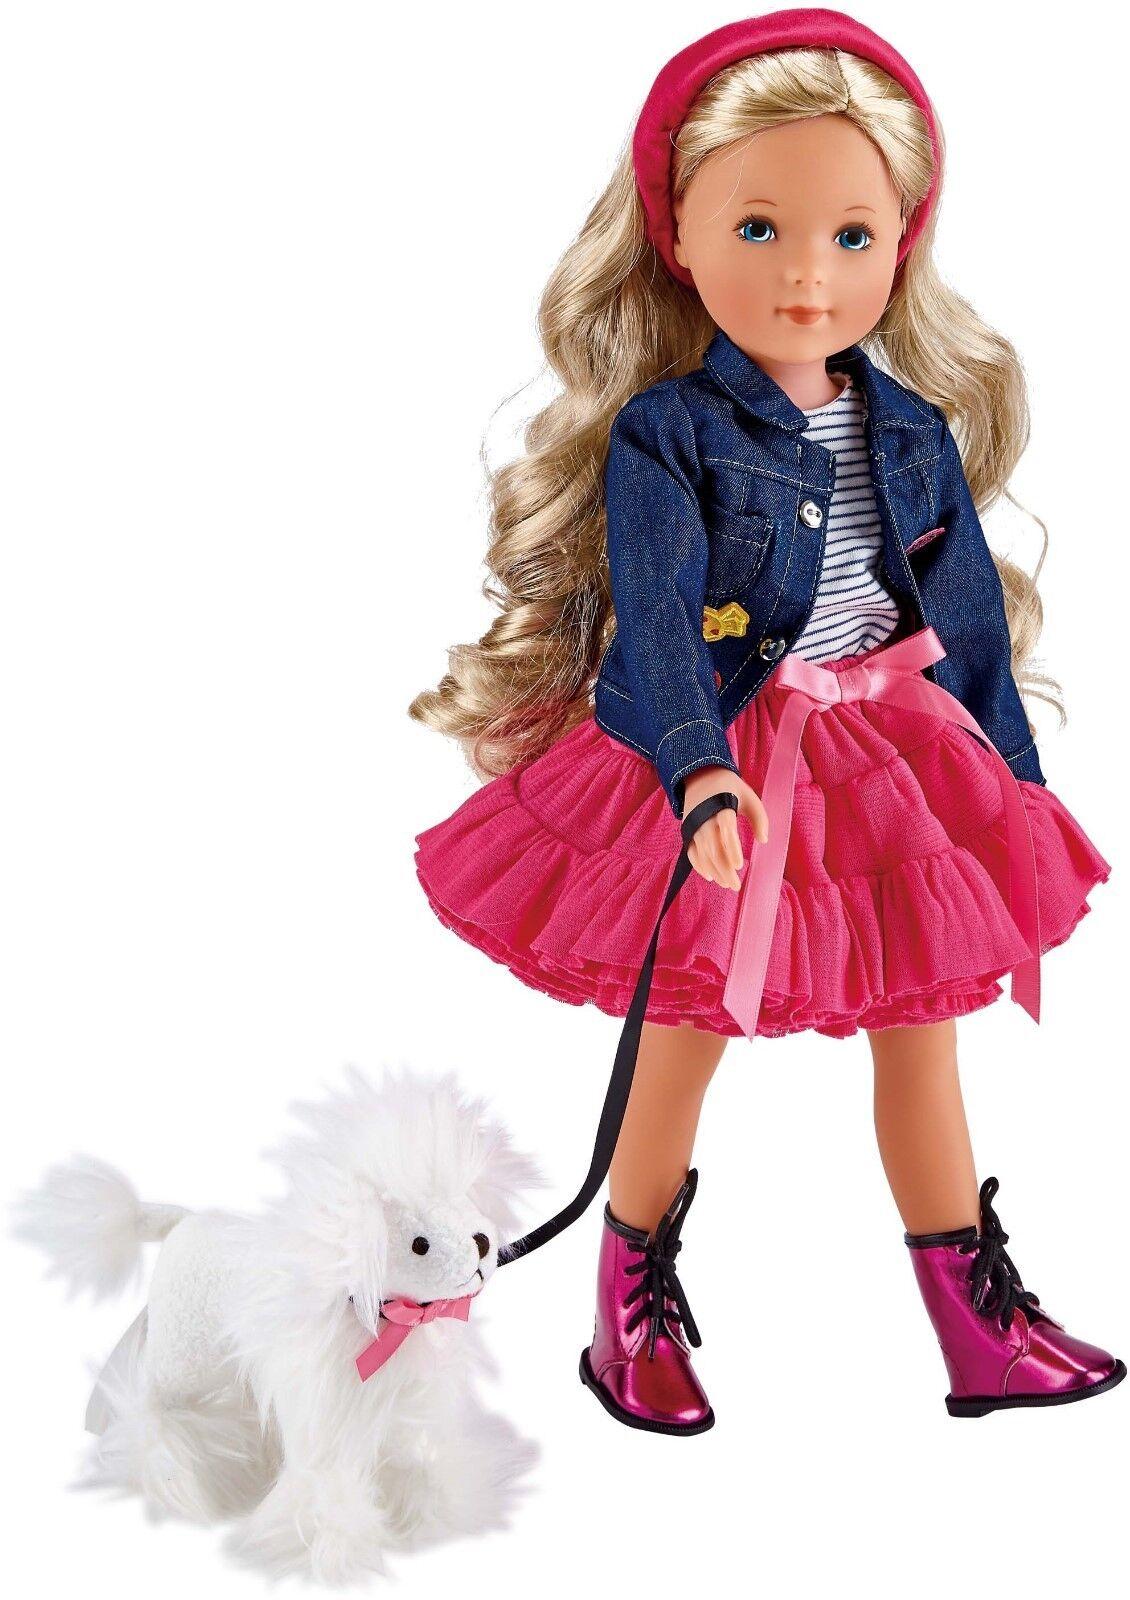 Käthe Kruse Puppe La Bella Hazel, ca. 42cm  Art-Nr. 41805, die neue Sophie 2018